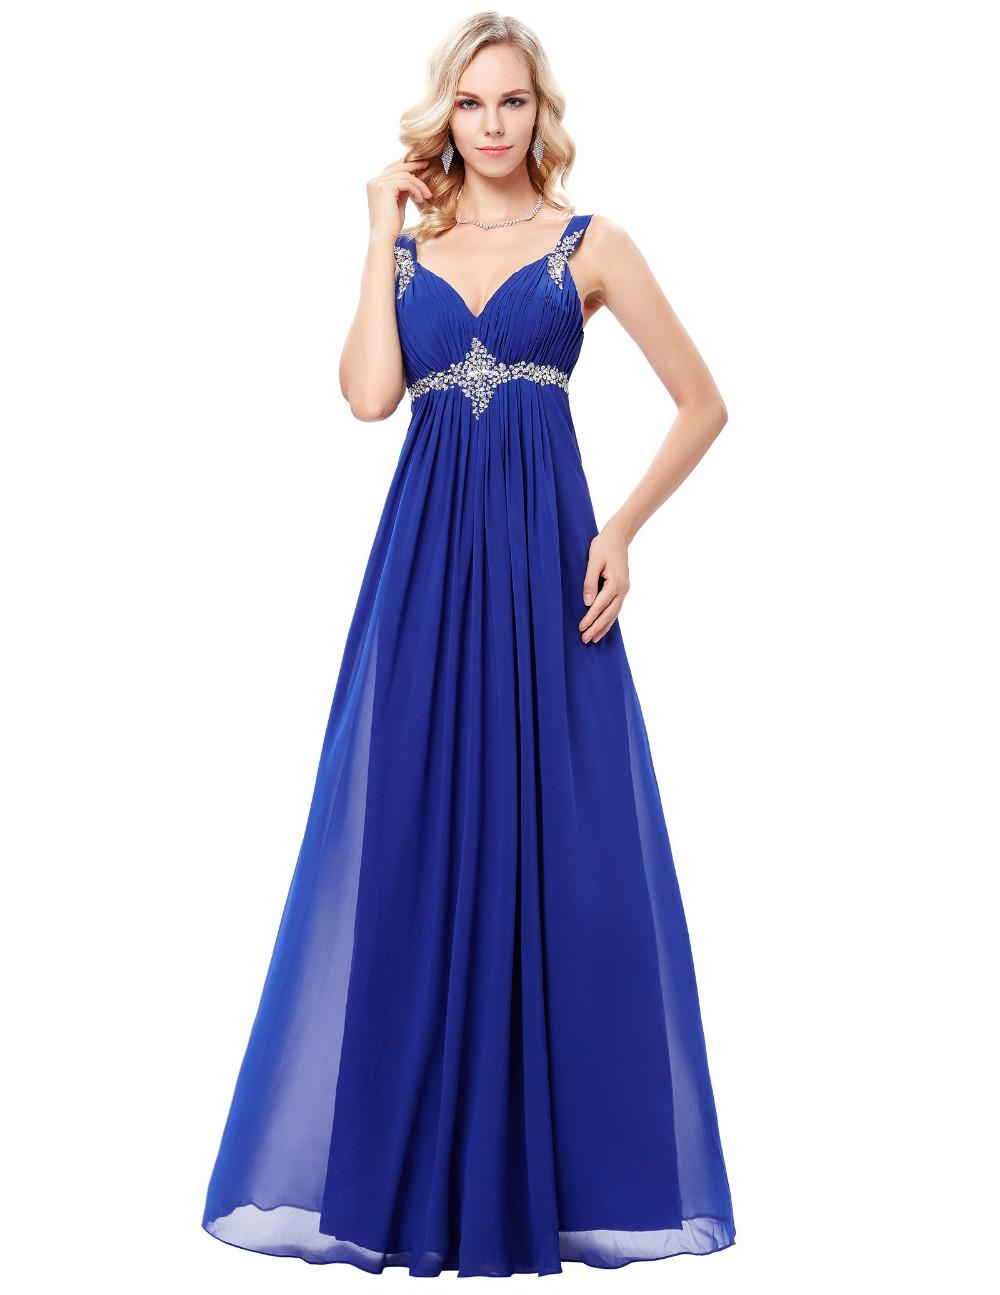 HTB1rl7xOFXXXXX9XXXXq6xXFXXXgLong Formal Dress Elegant Floor Length Chiffon Dress